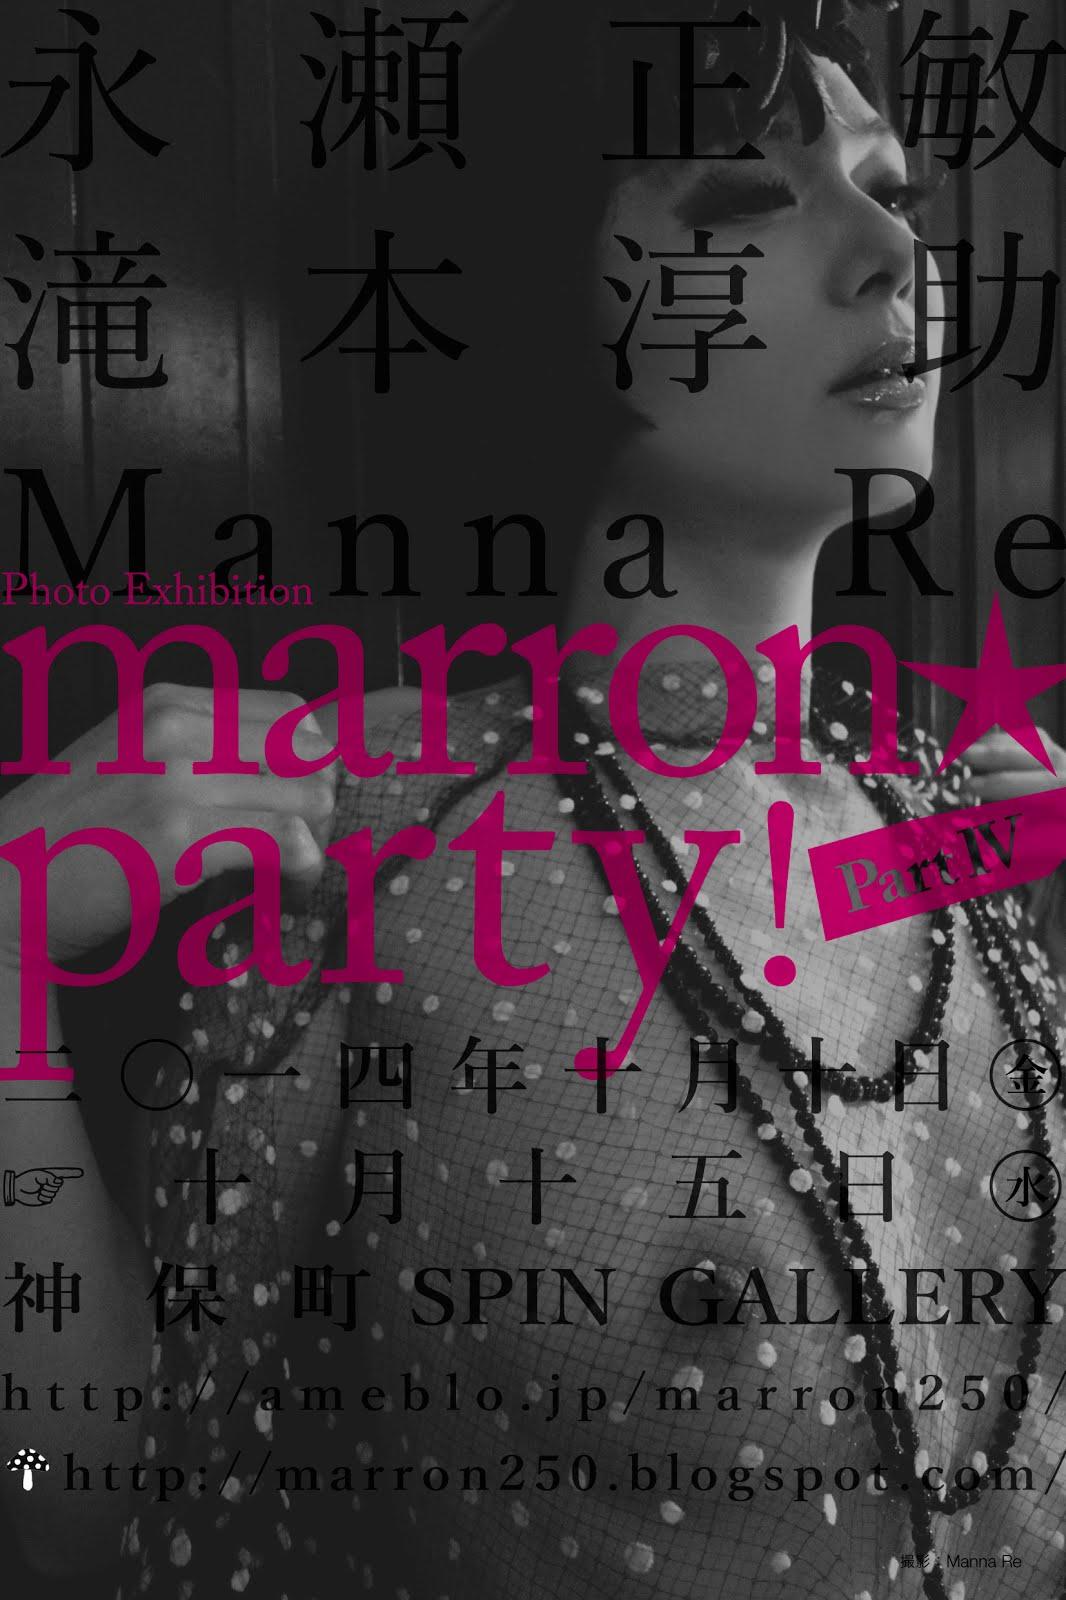 マロン写真展「marron☆party!partⅣ」